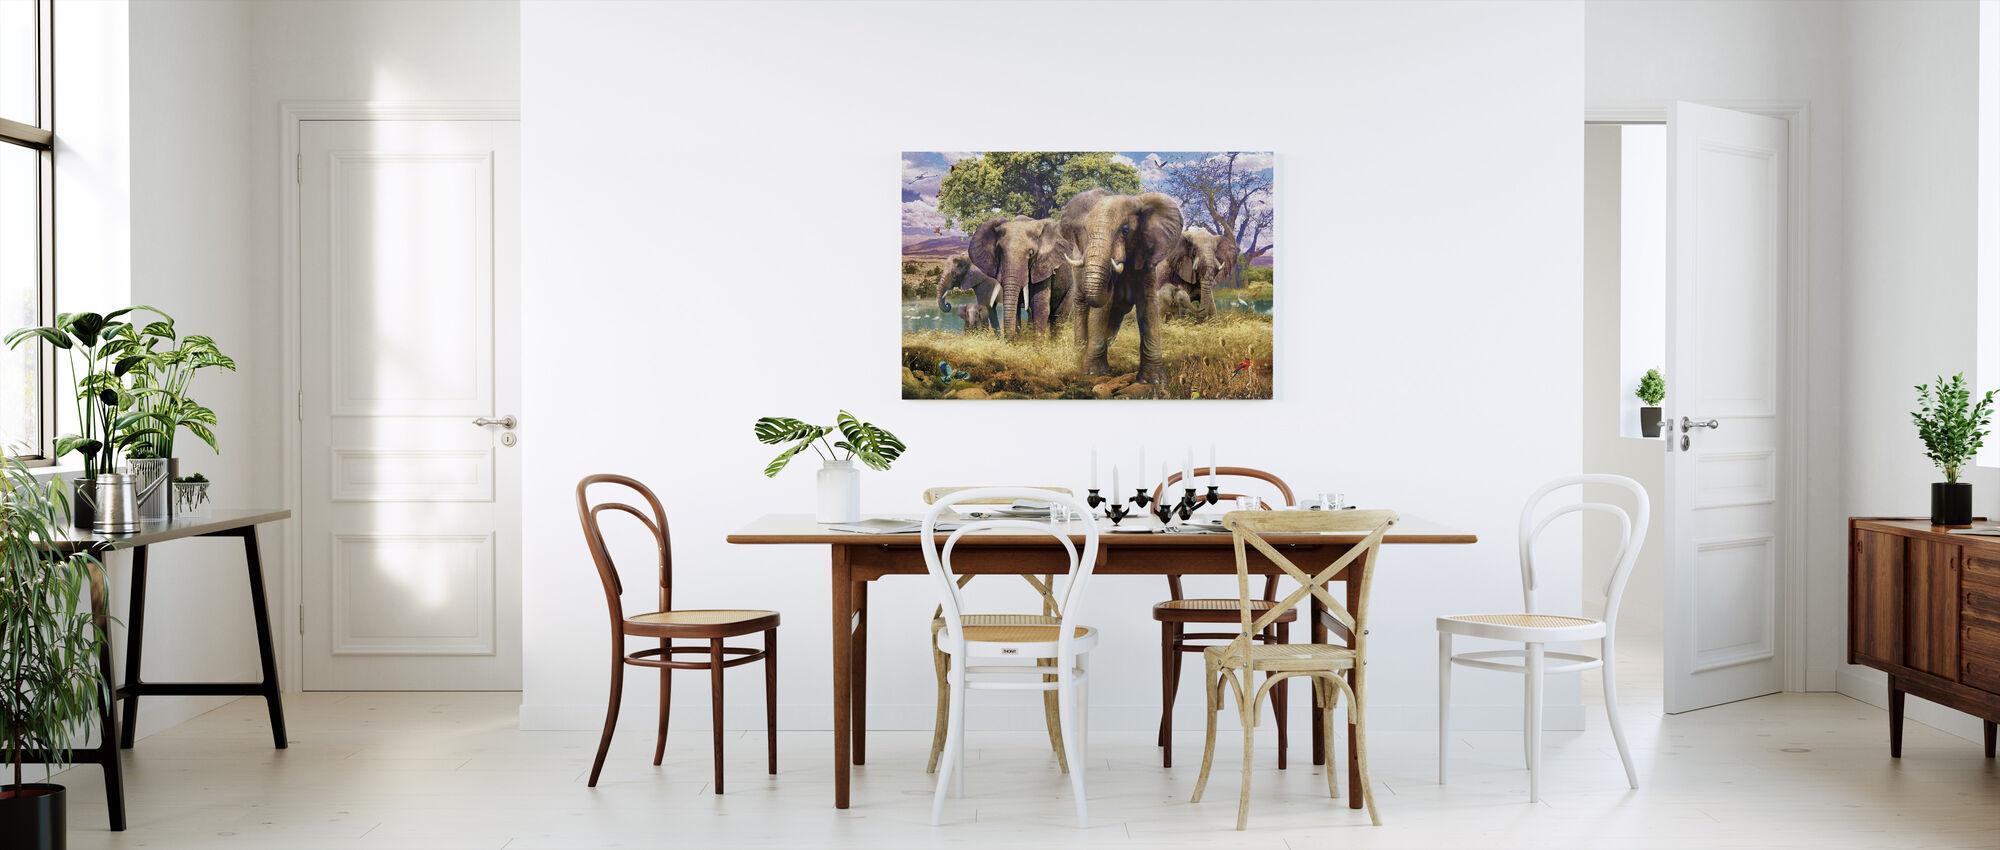 Olifant mislukte - Canvas print - Keuken